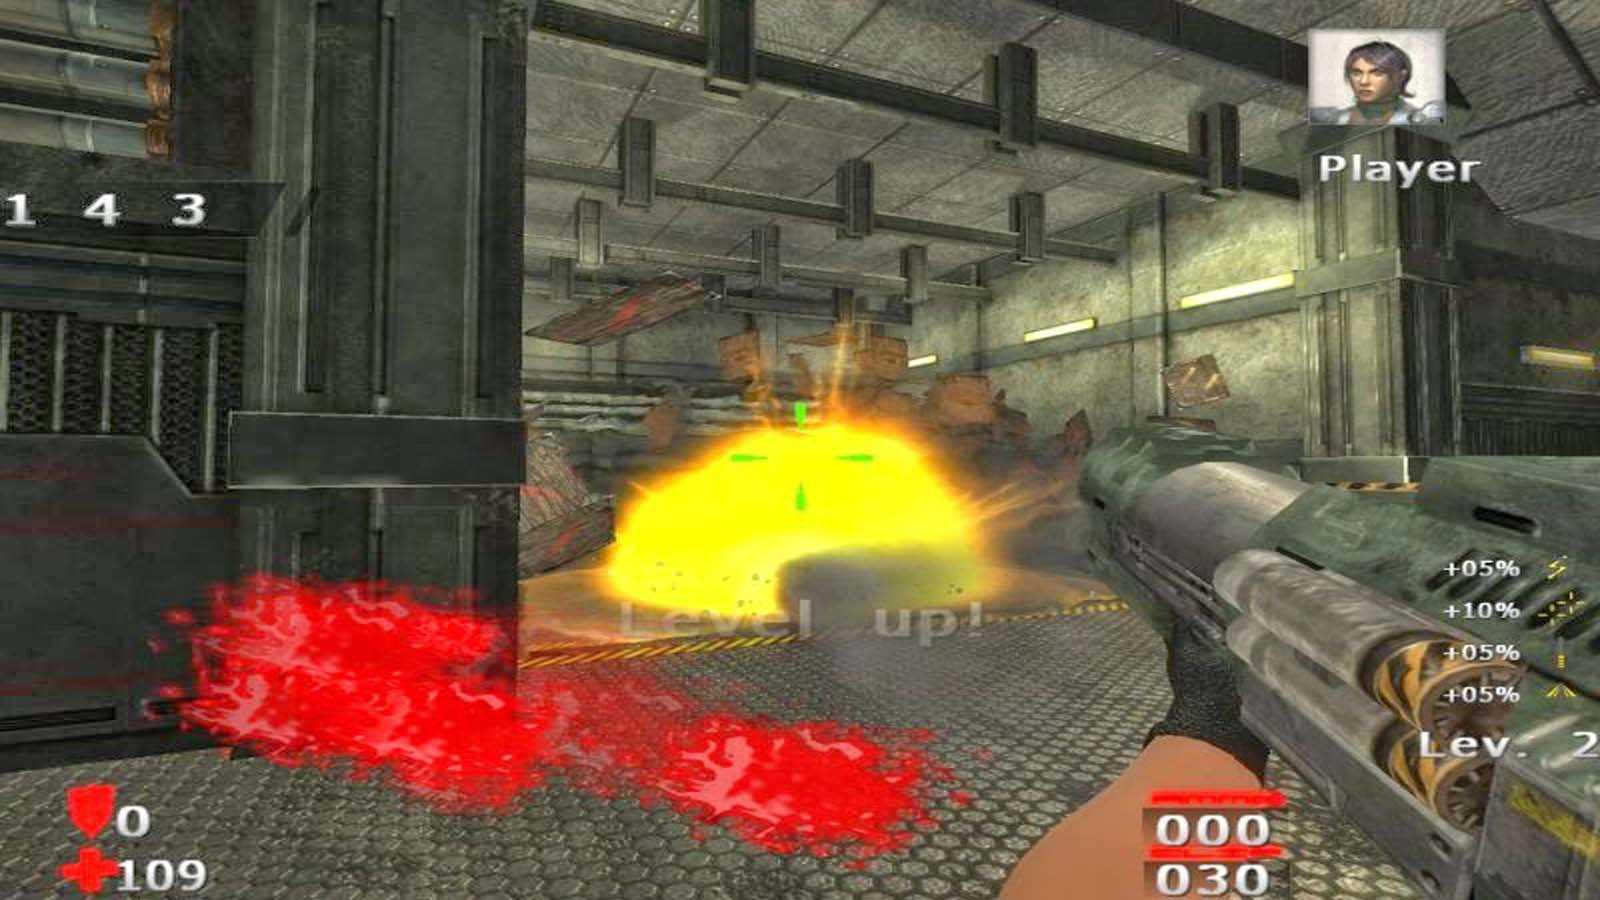 تحميل لعبة Burn مضغوطة برابط واحد مباشر + تورنت كاملة مجانا